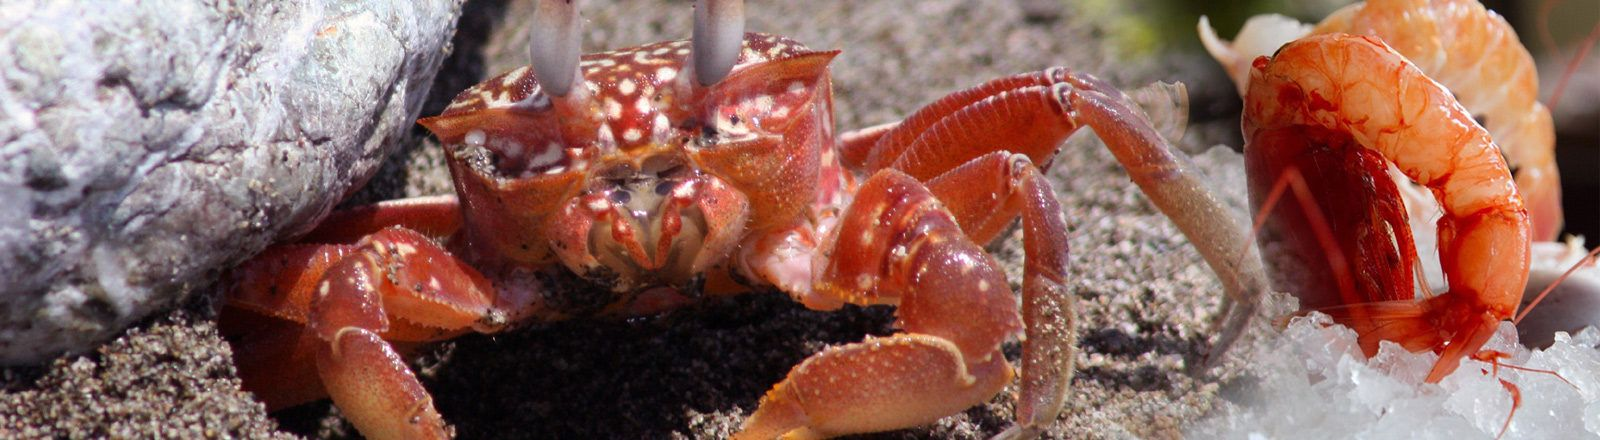 Хитозан - добавка за отслабване дар от морето